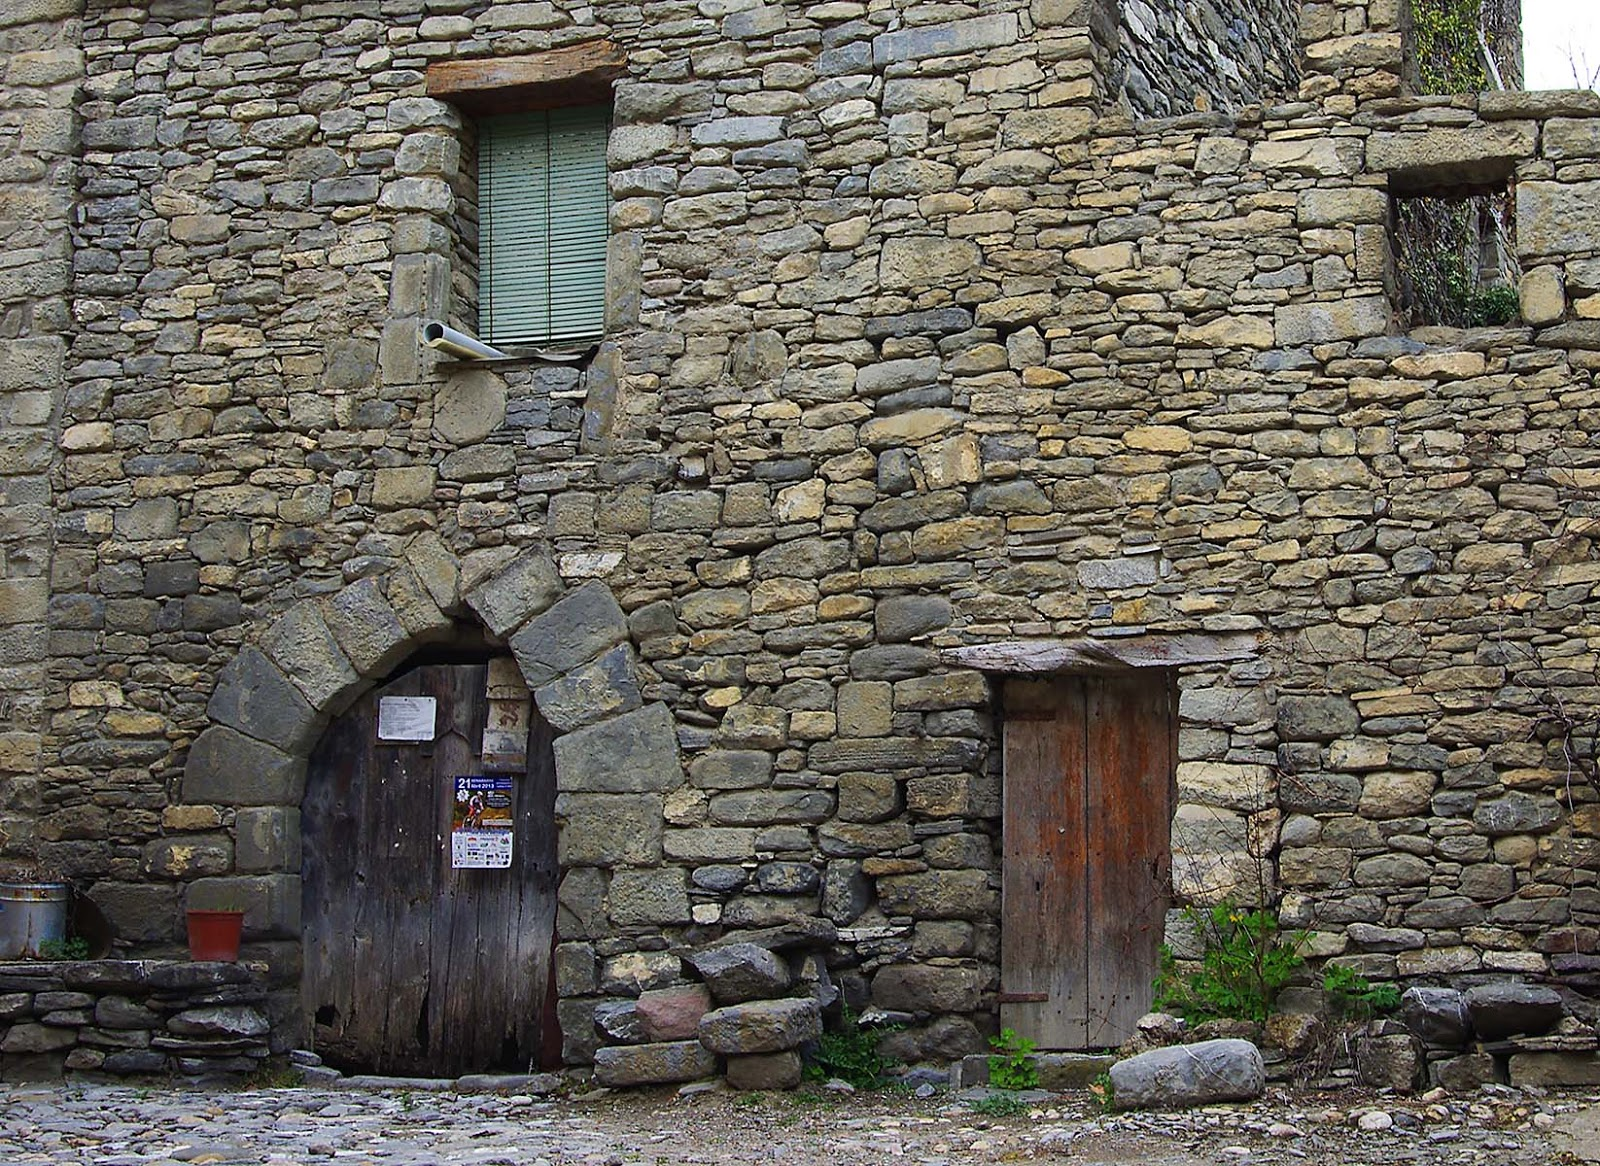 Entusiasco puertas r sticas y arcos de piedra en - Fachadas rusticas de piedra ...